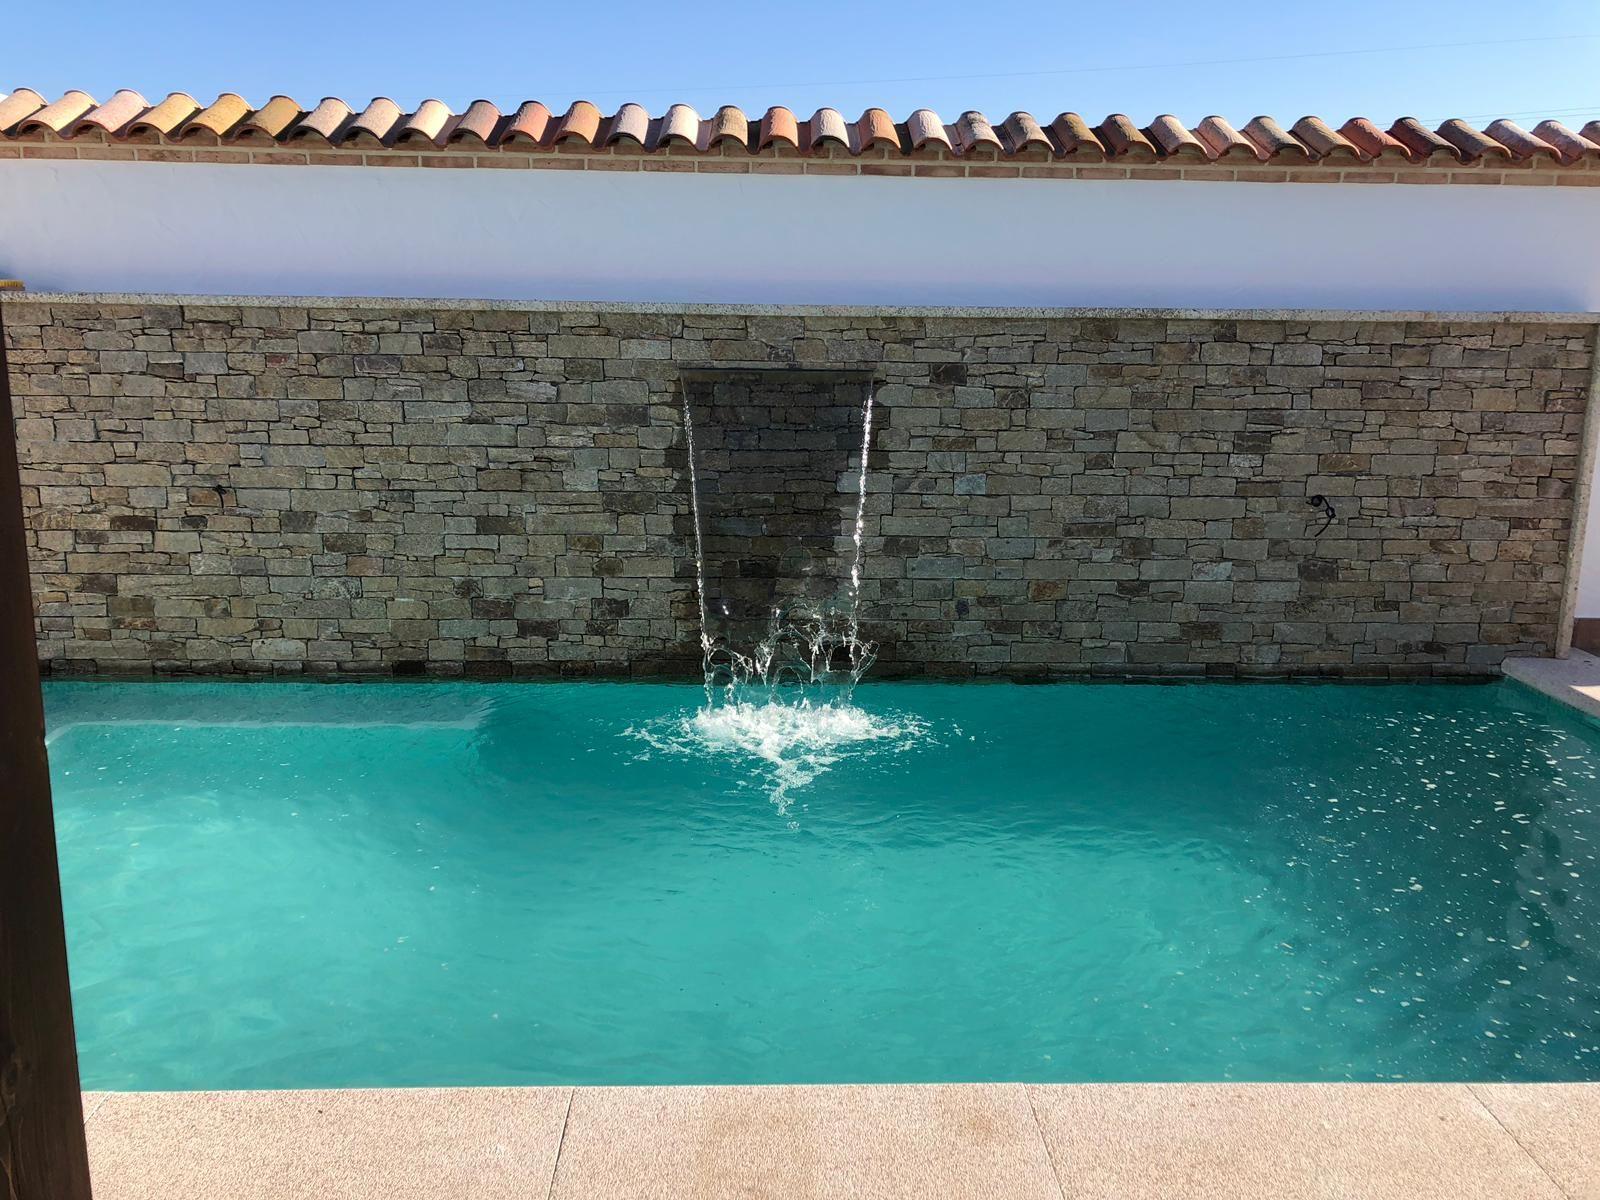 Foto 59 de Instalación de piscinas en    Bordes de Piscinas J. Antonio Alonso